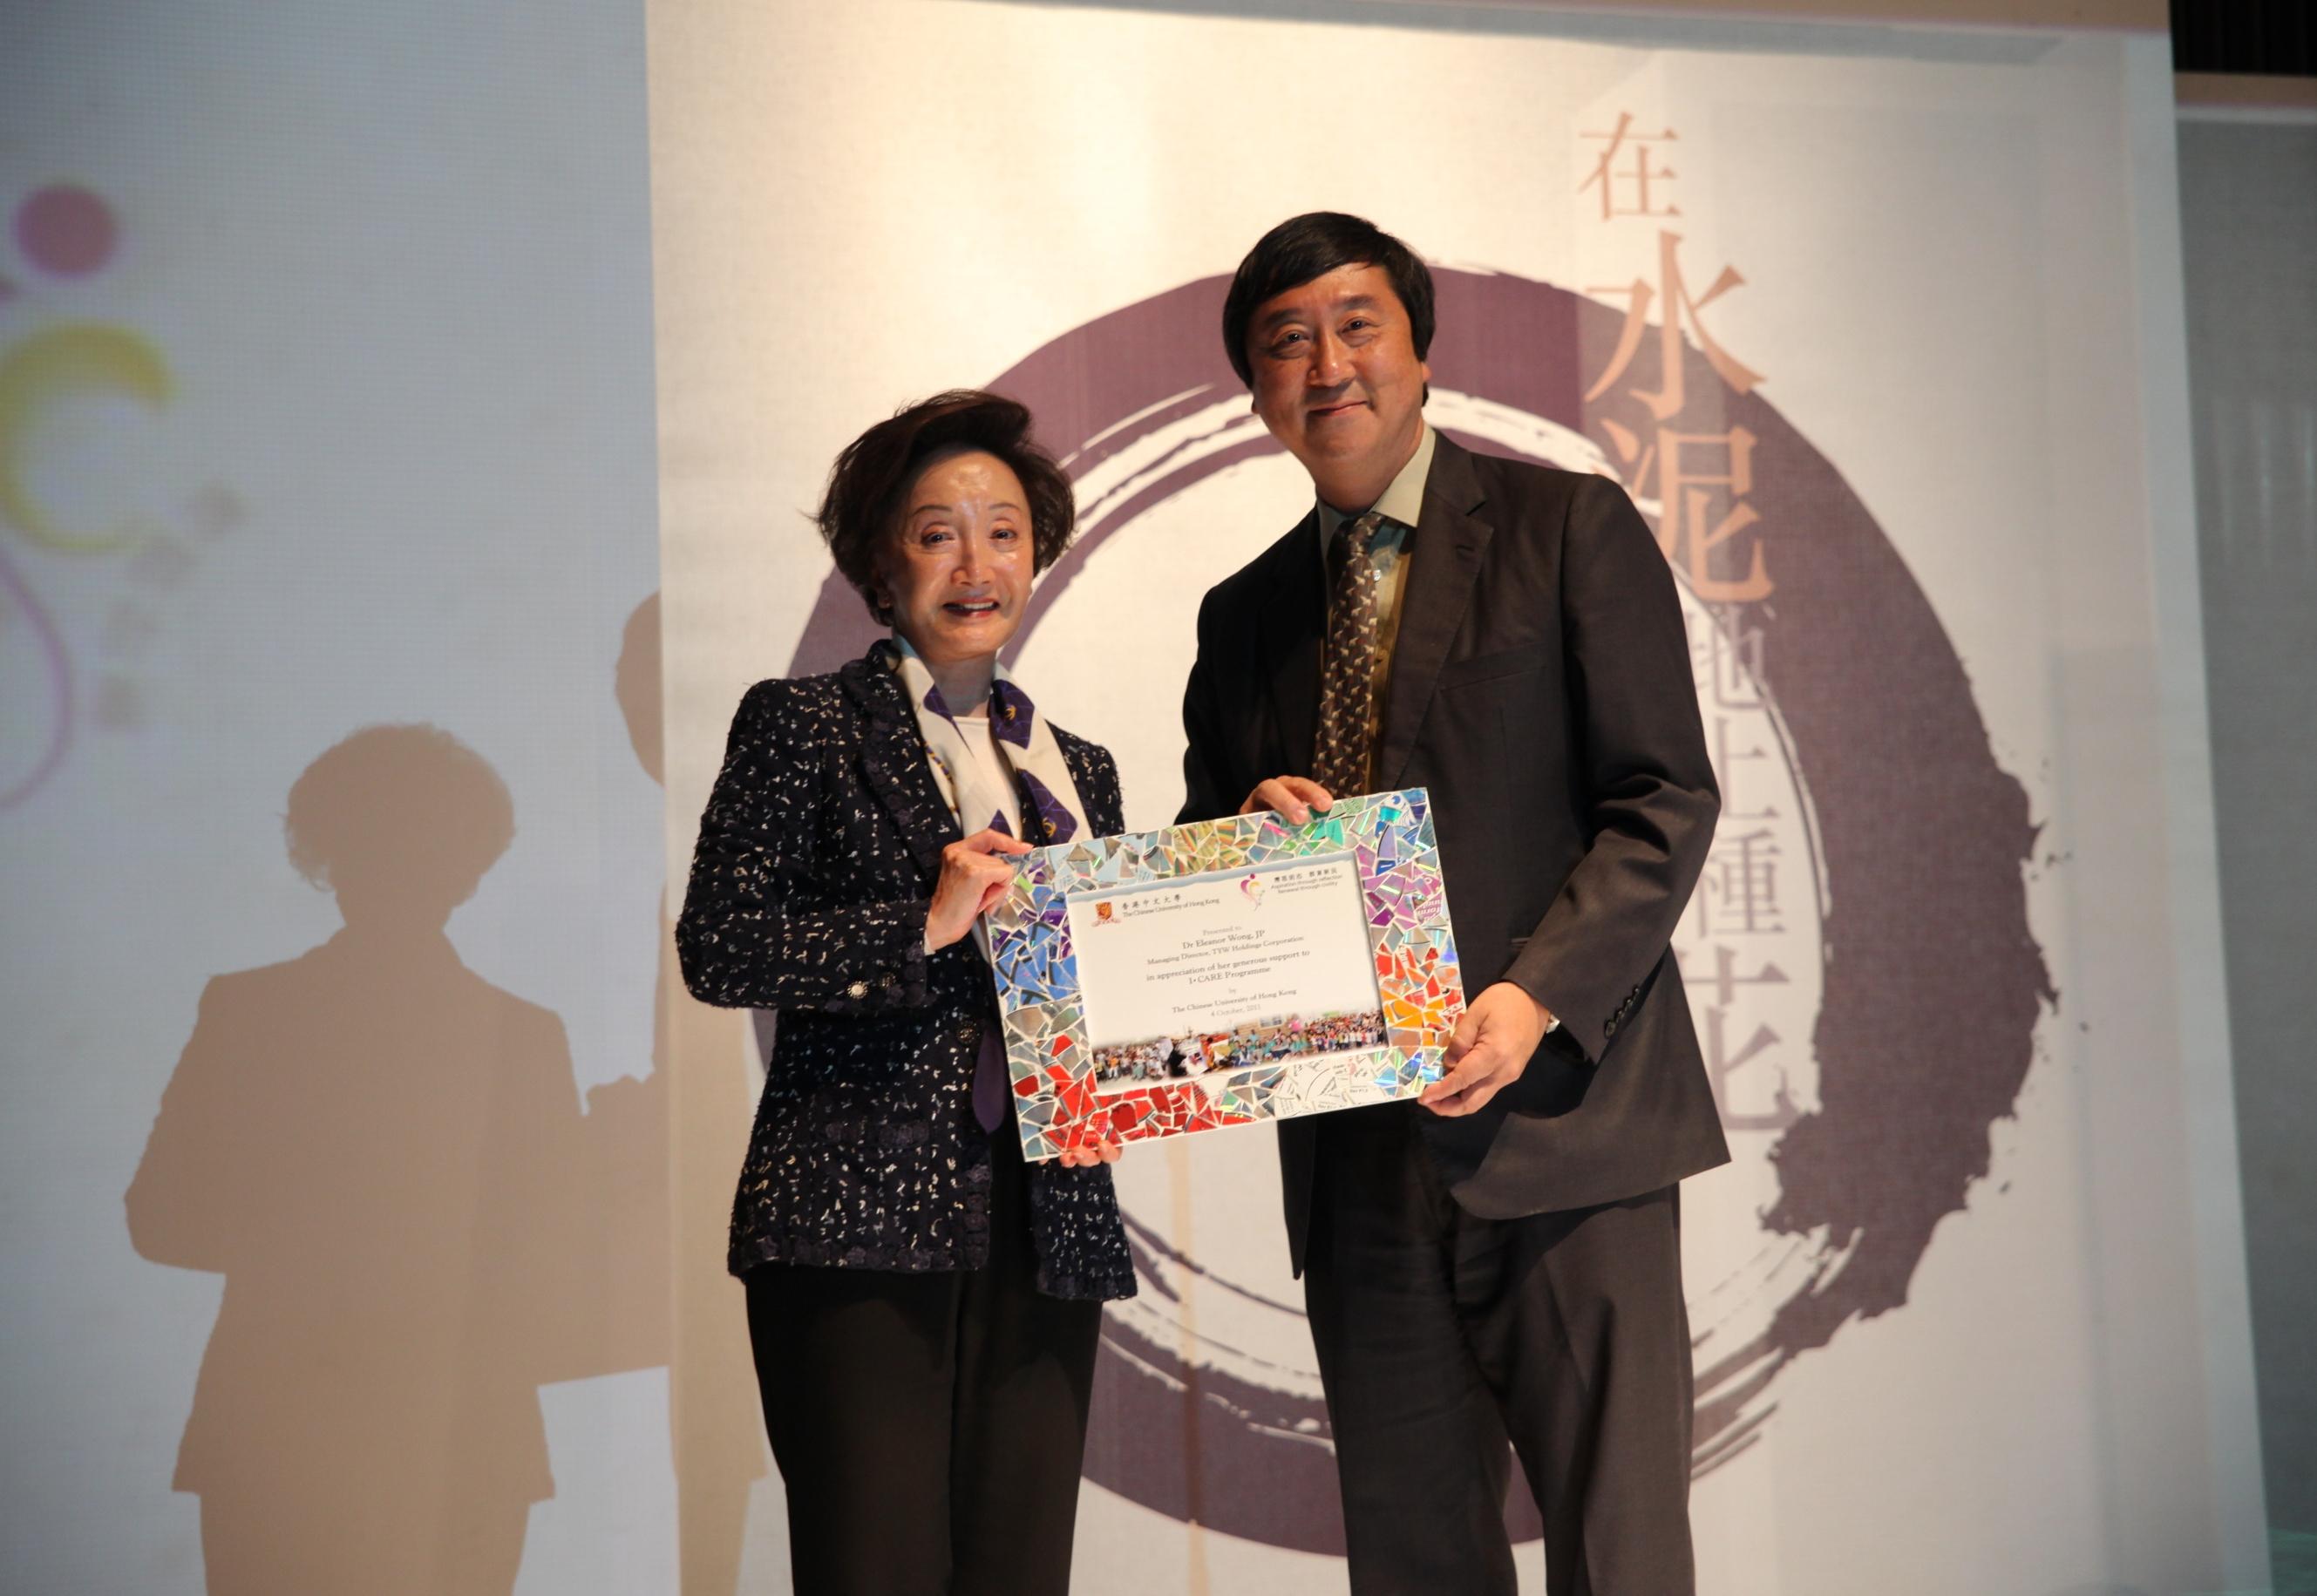 沈祖堯校長致送紀念品予博群計劃捐款人──TYW Holdings Corporation, Managing Director, 王培麗博士。